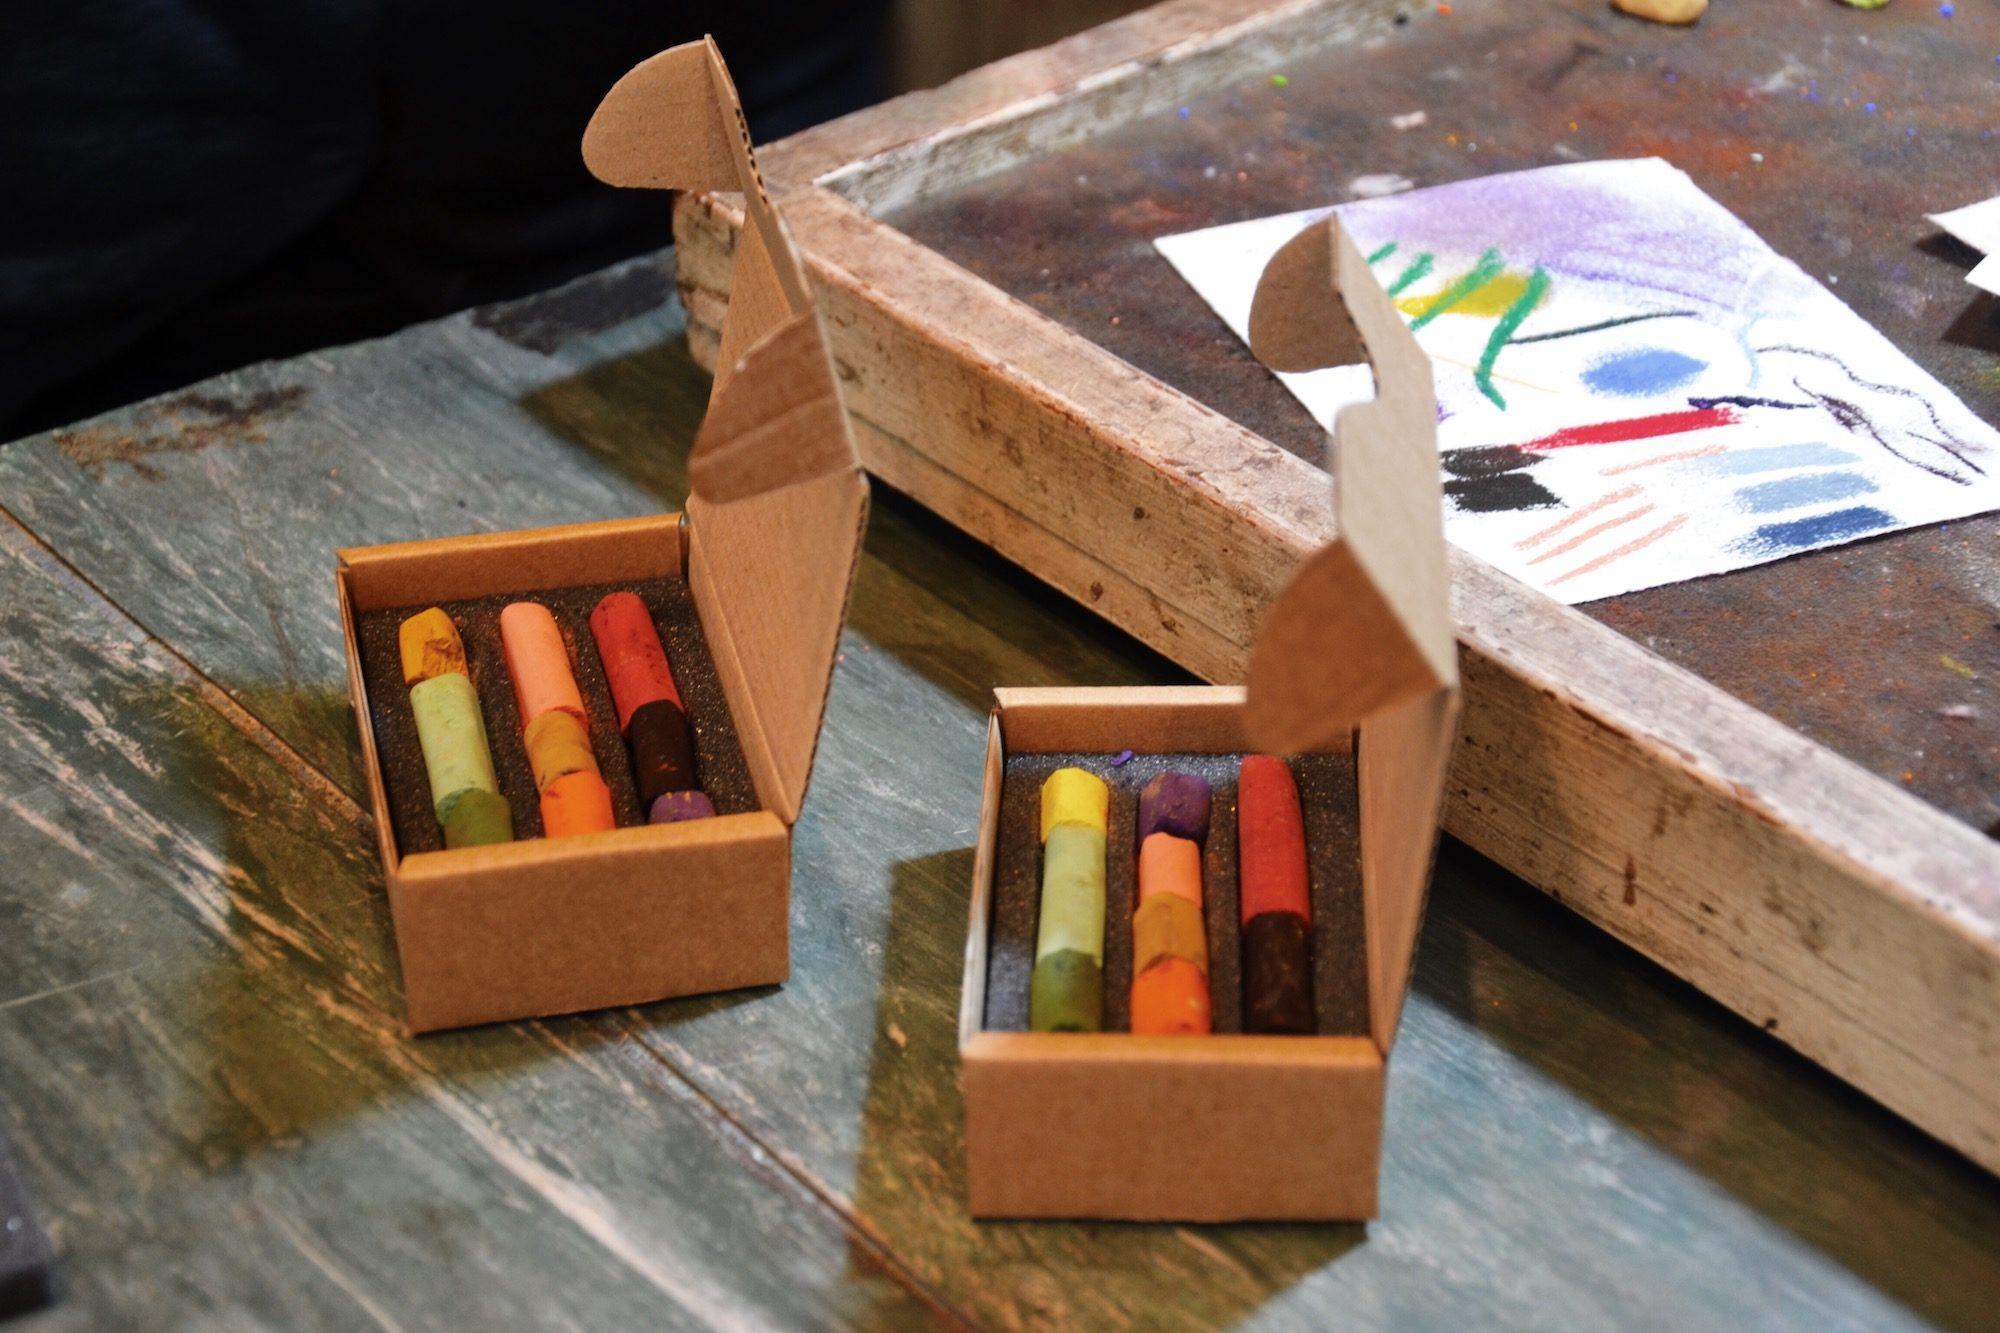 HiP Paris Blog explores Maison du Pastel